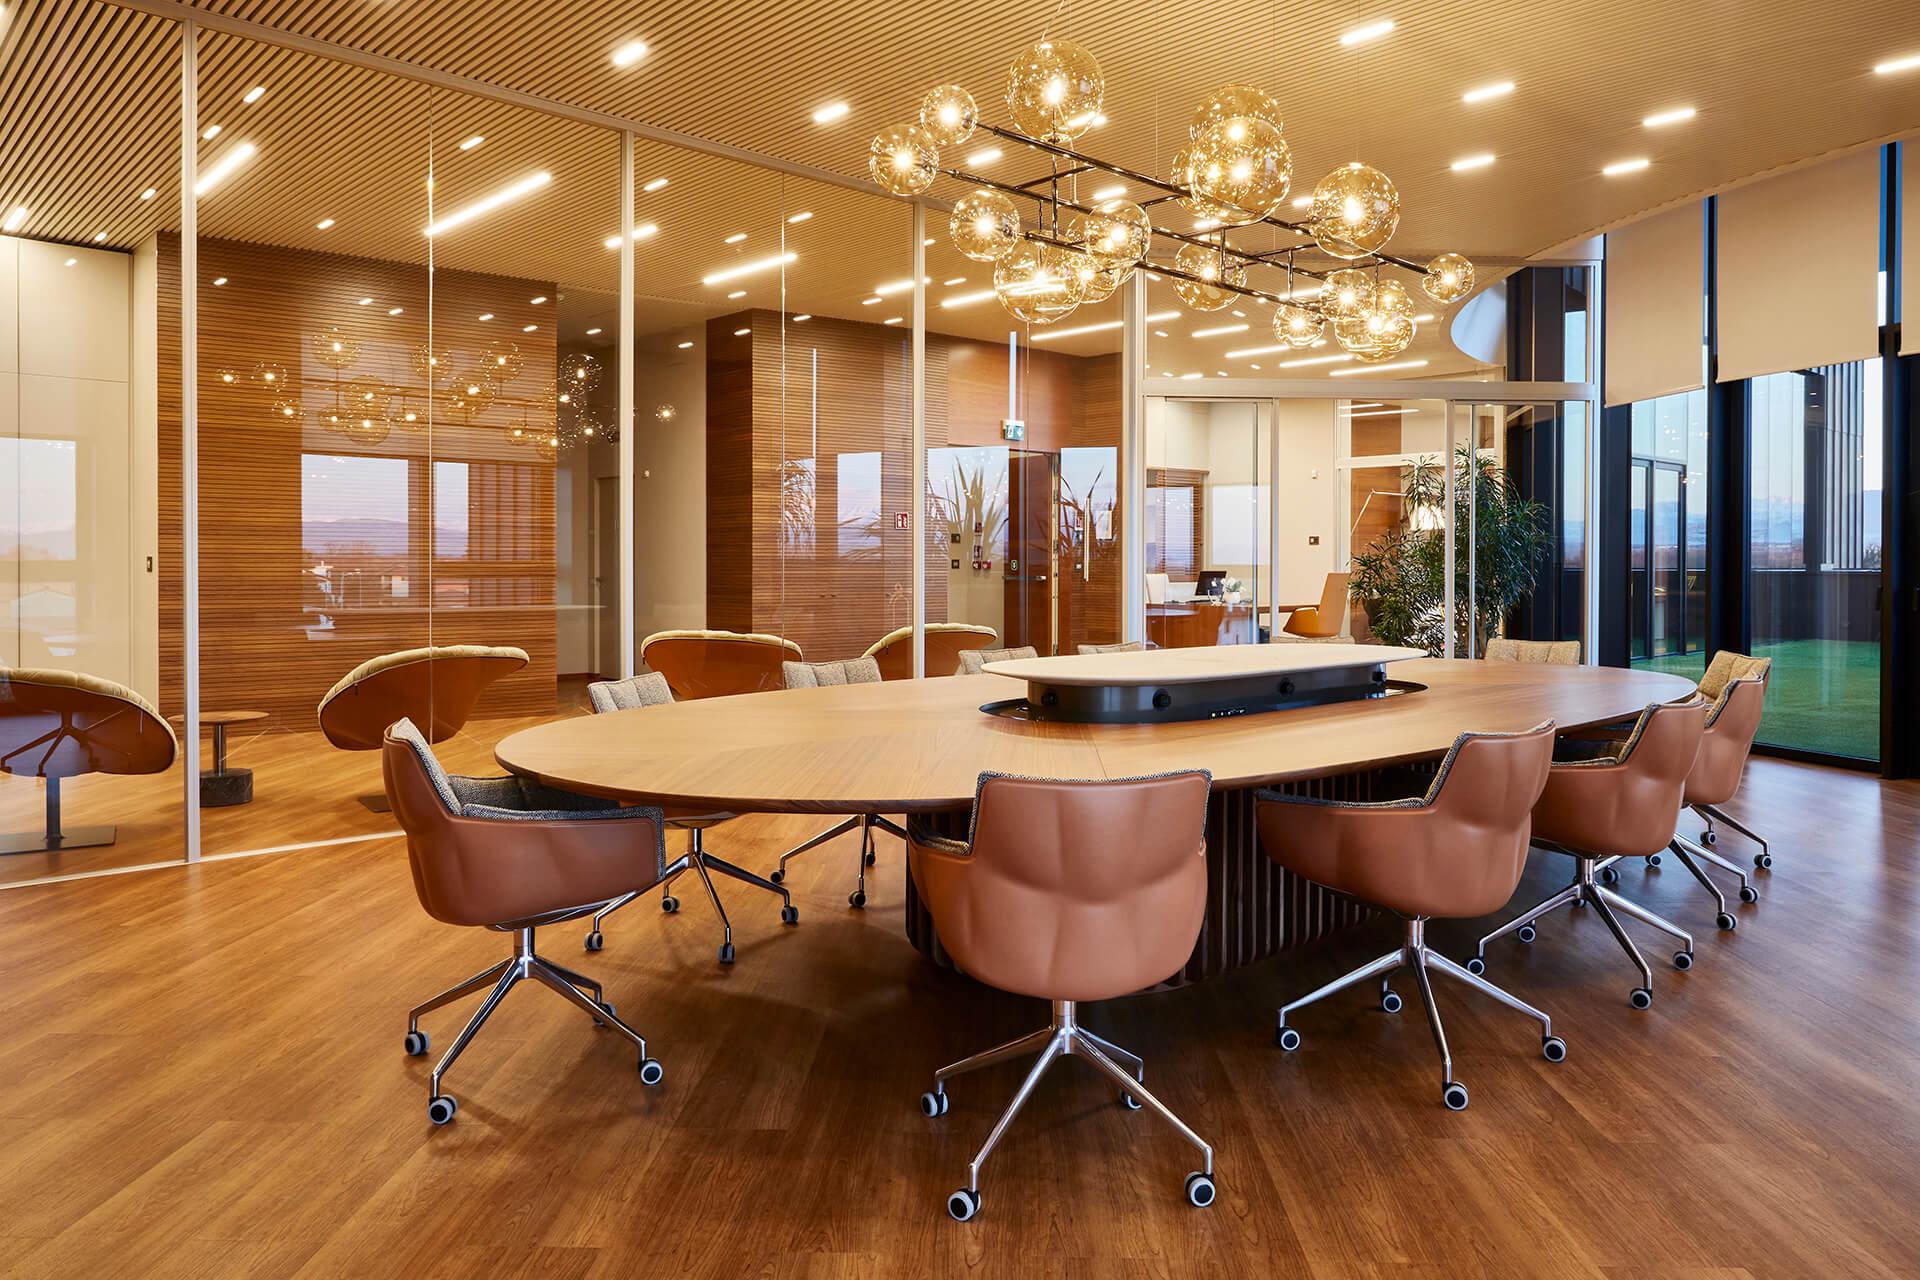 ak engineering - biofarma 1 - board room Sonia De Boni